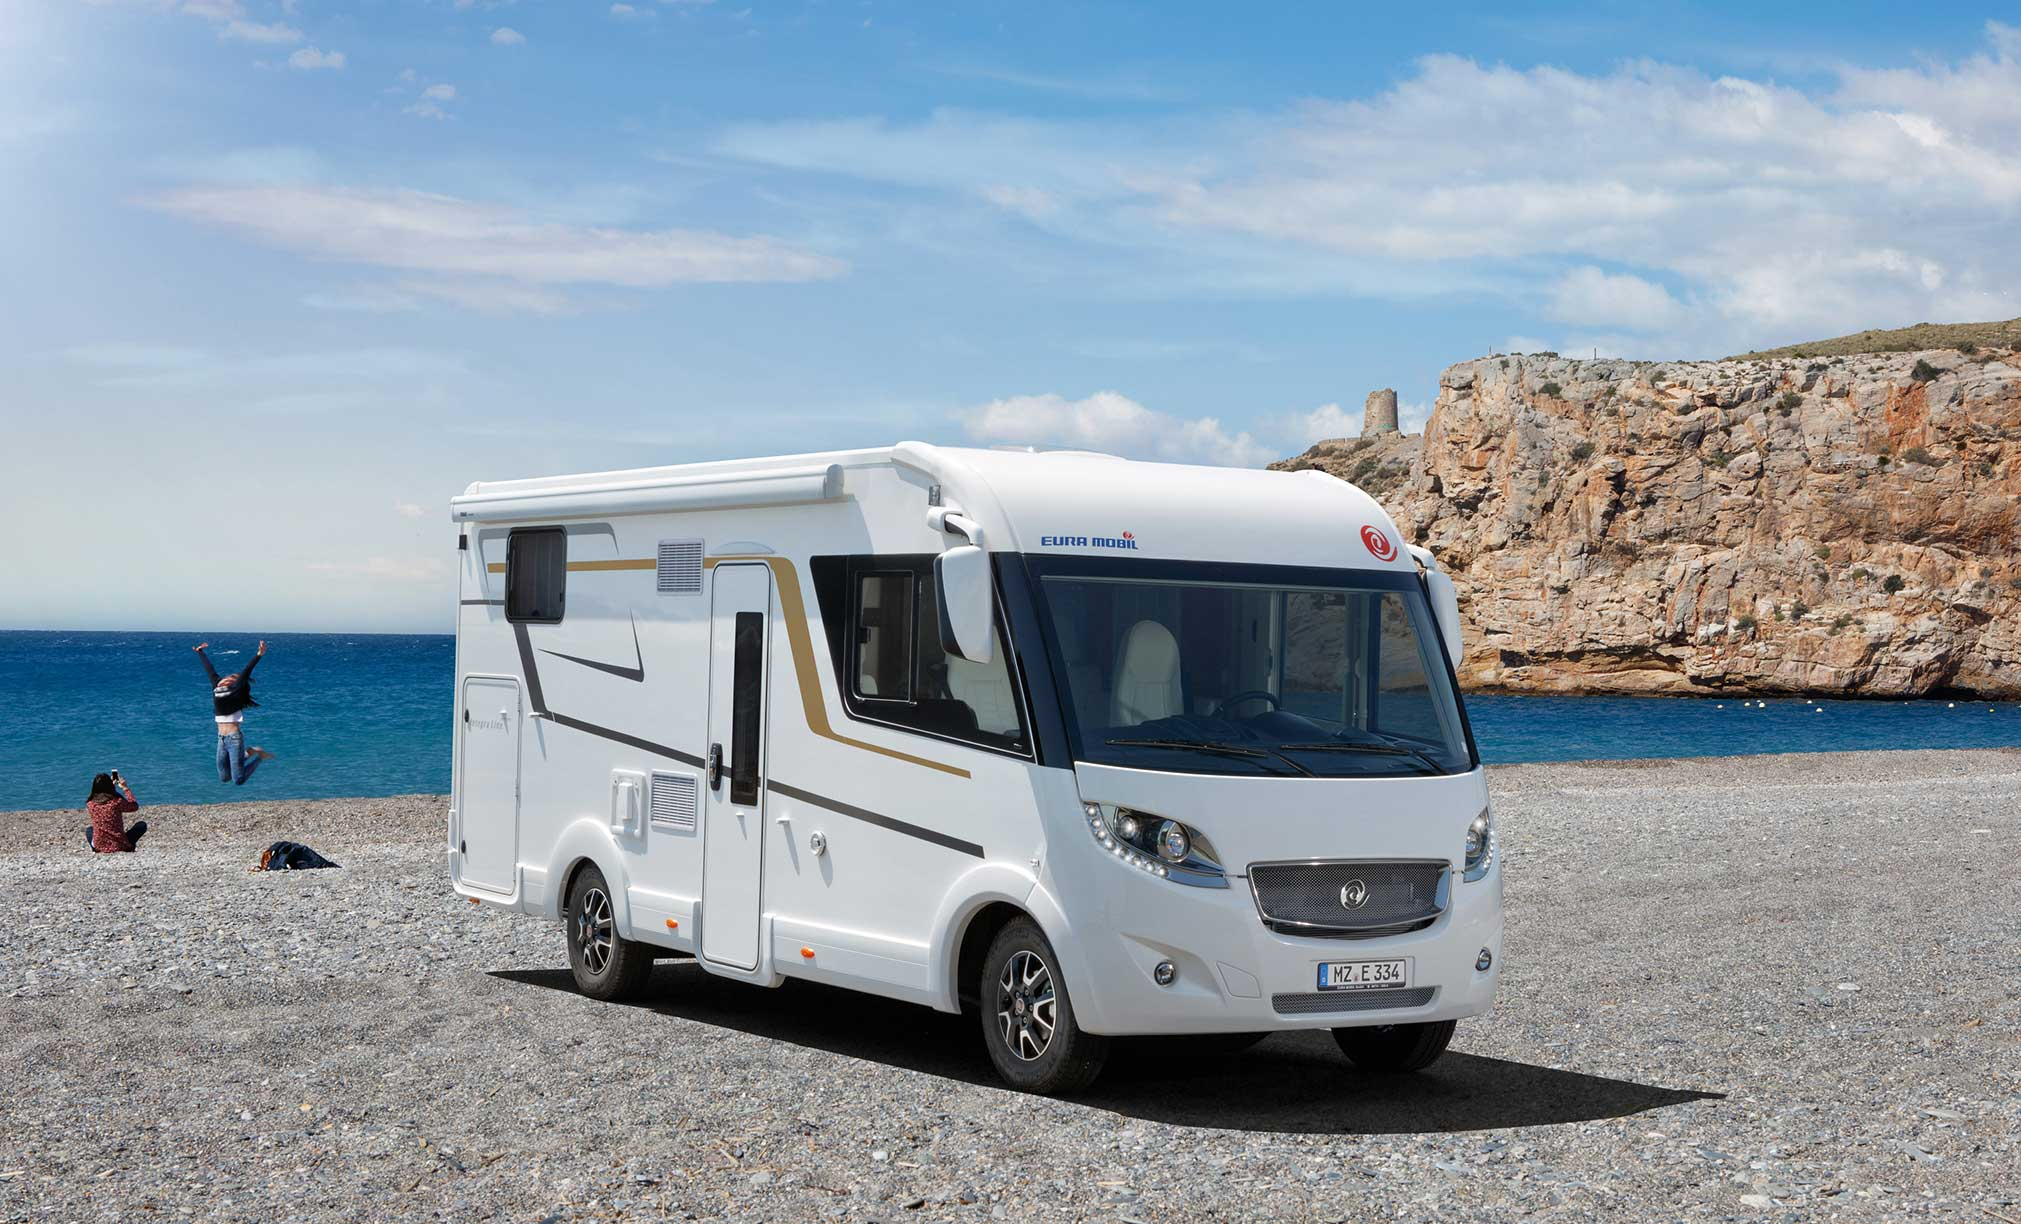 Euramobil Caravan Exterieur